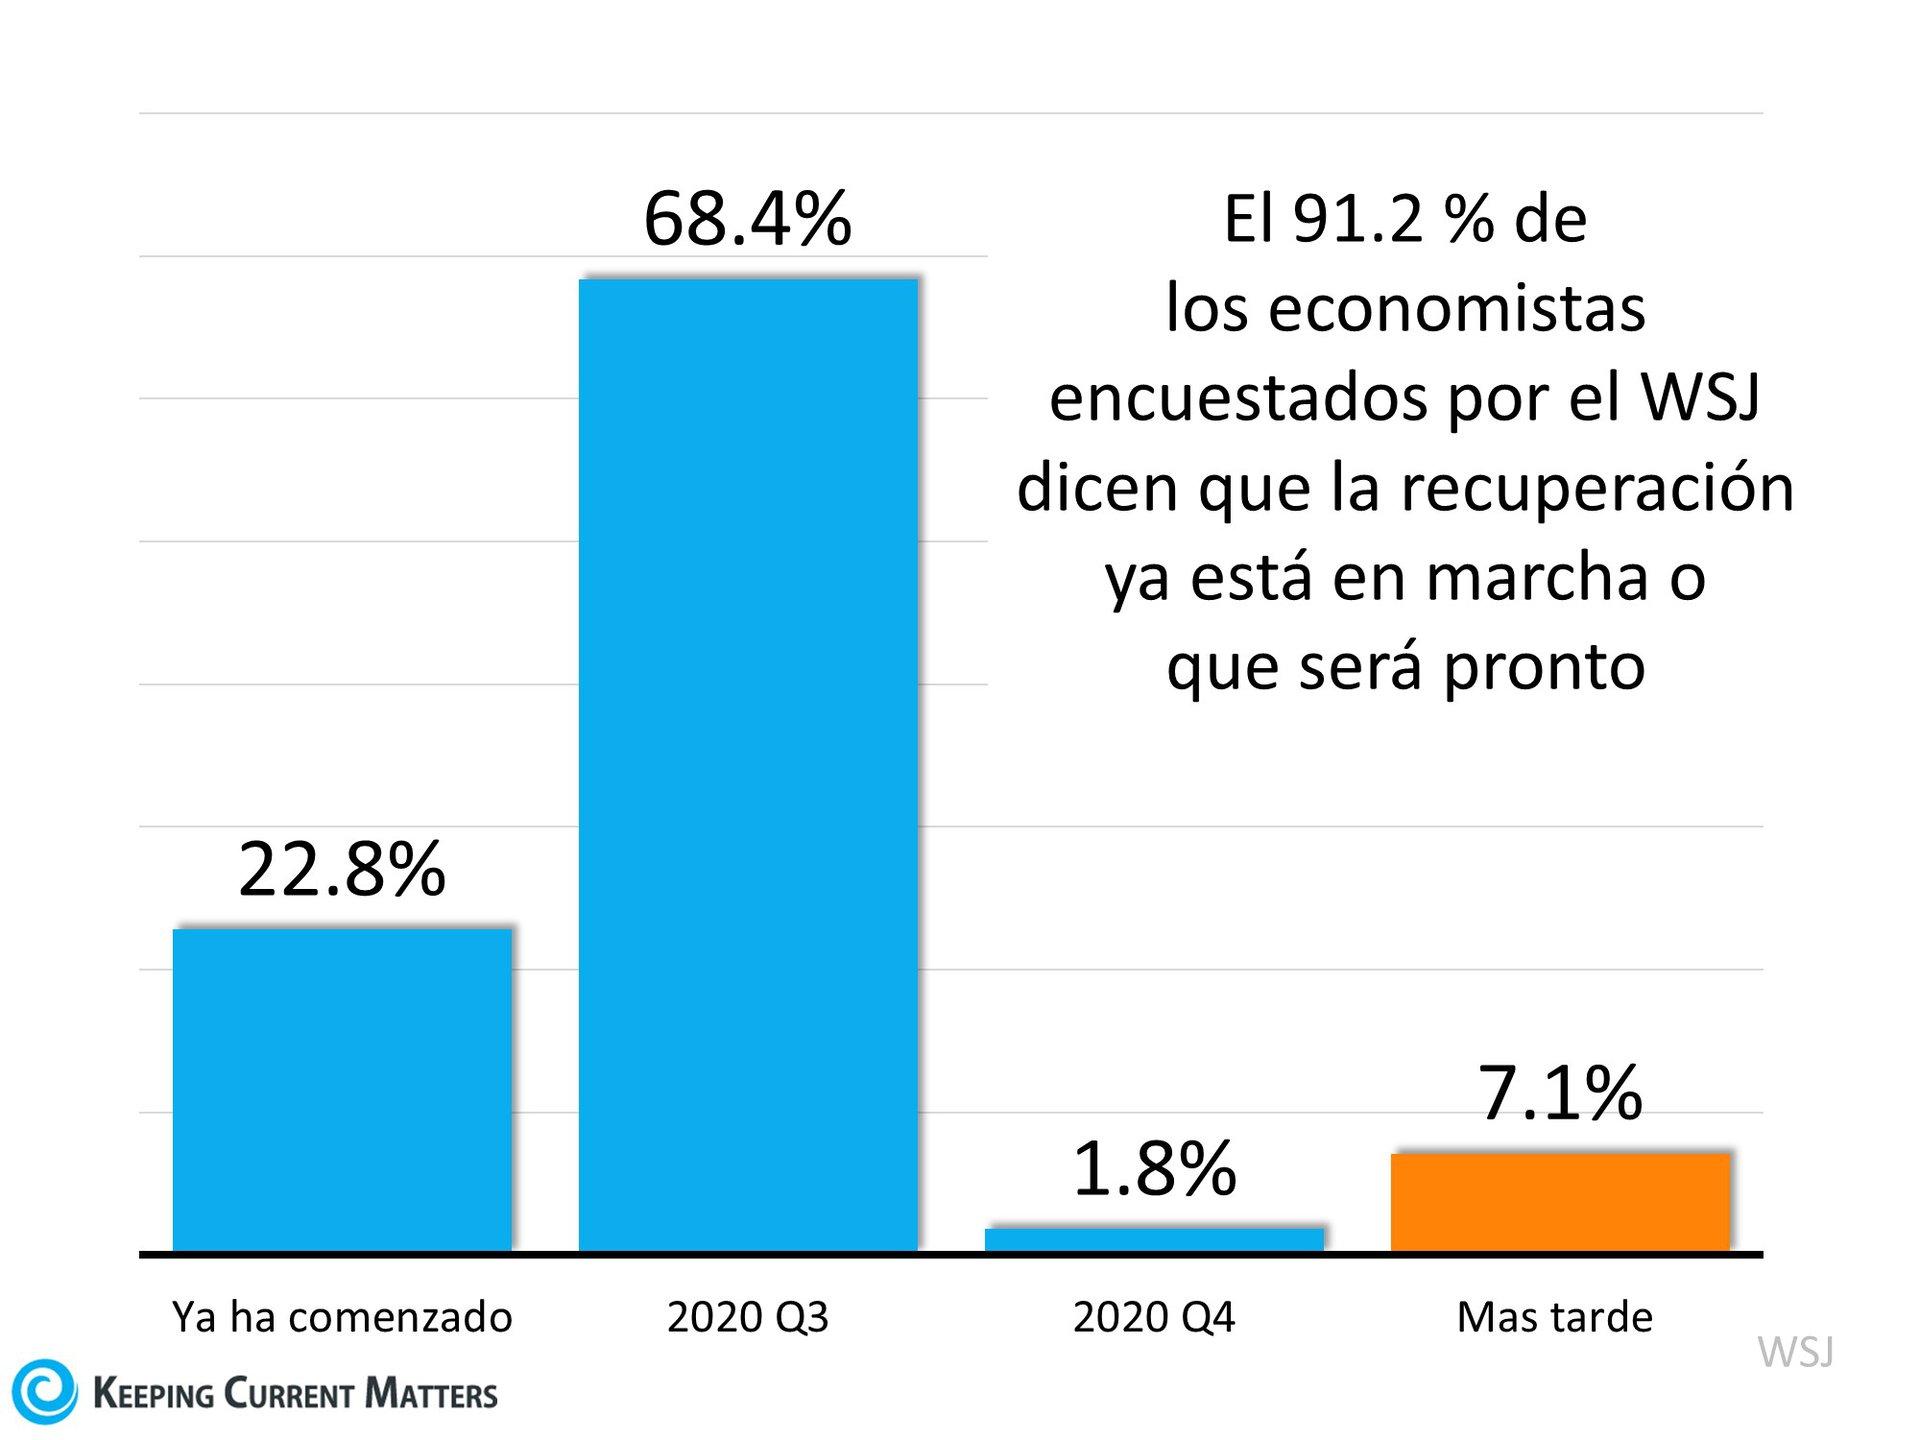 ¿Ya está en marcha la recuperación económica? | Keeping Current Matters